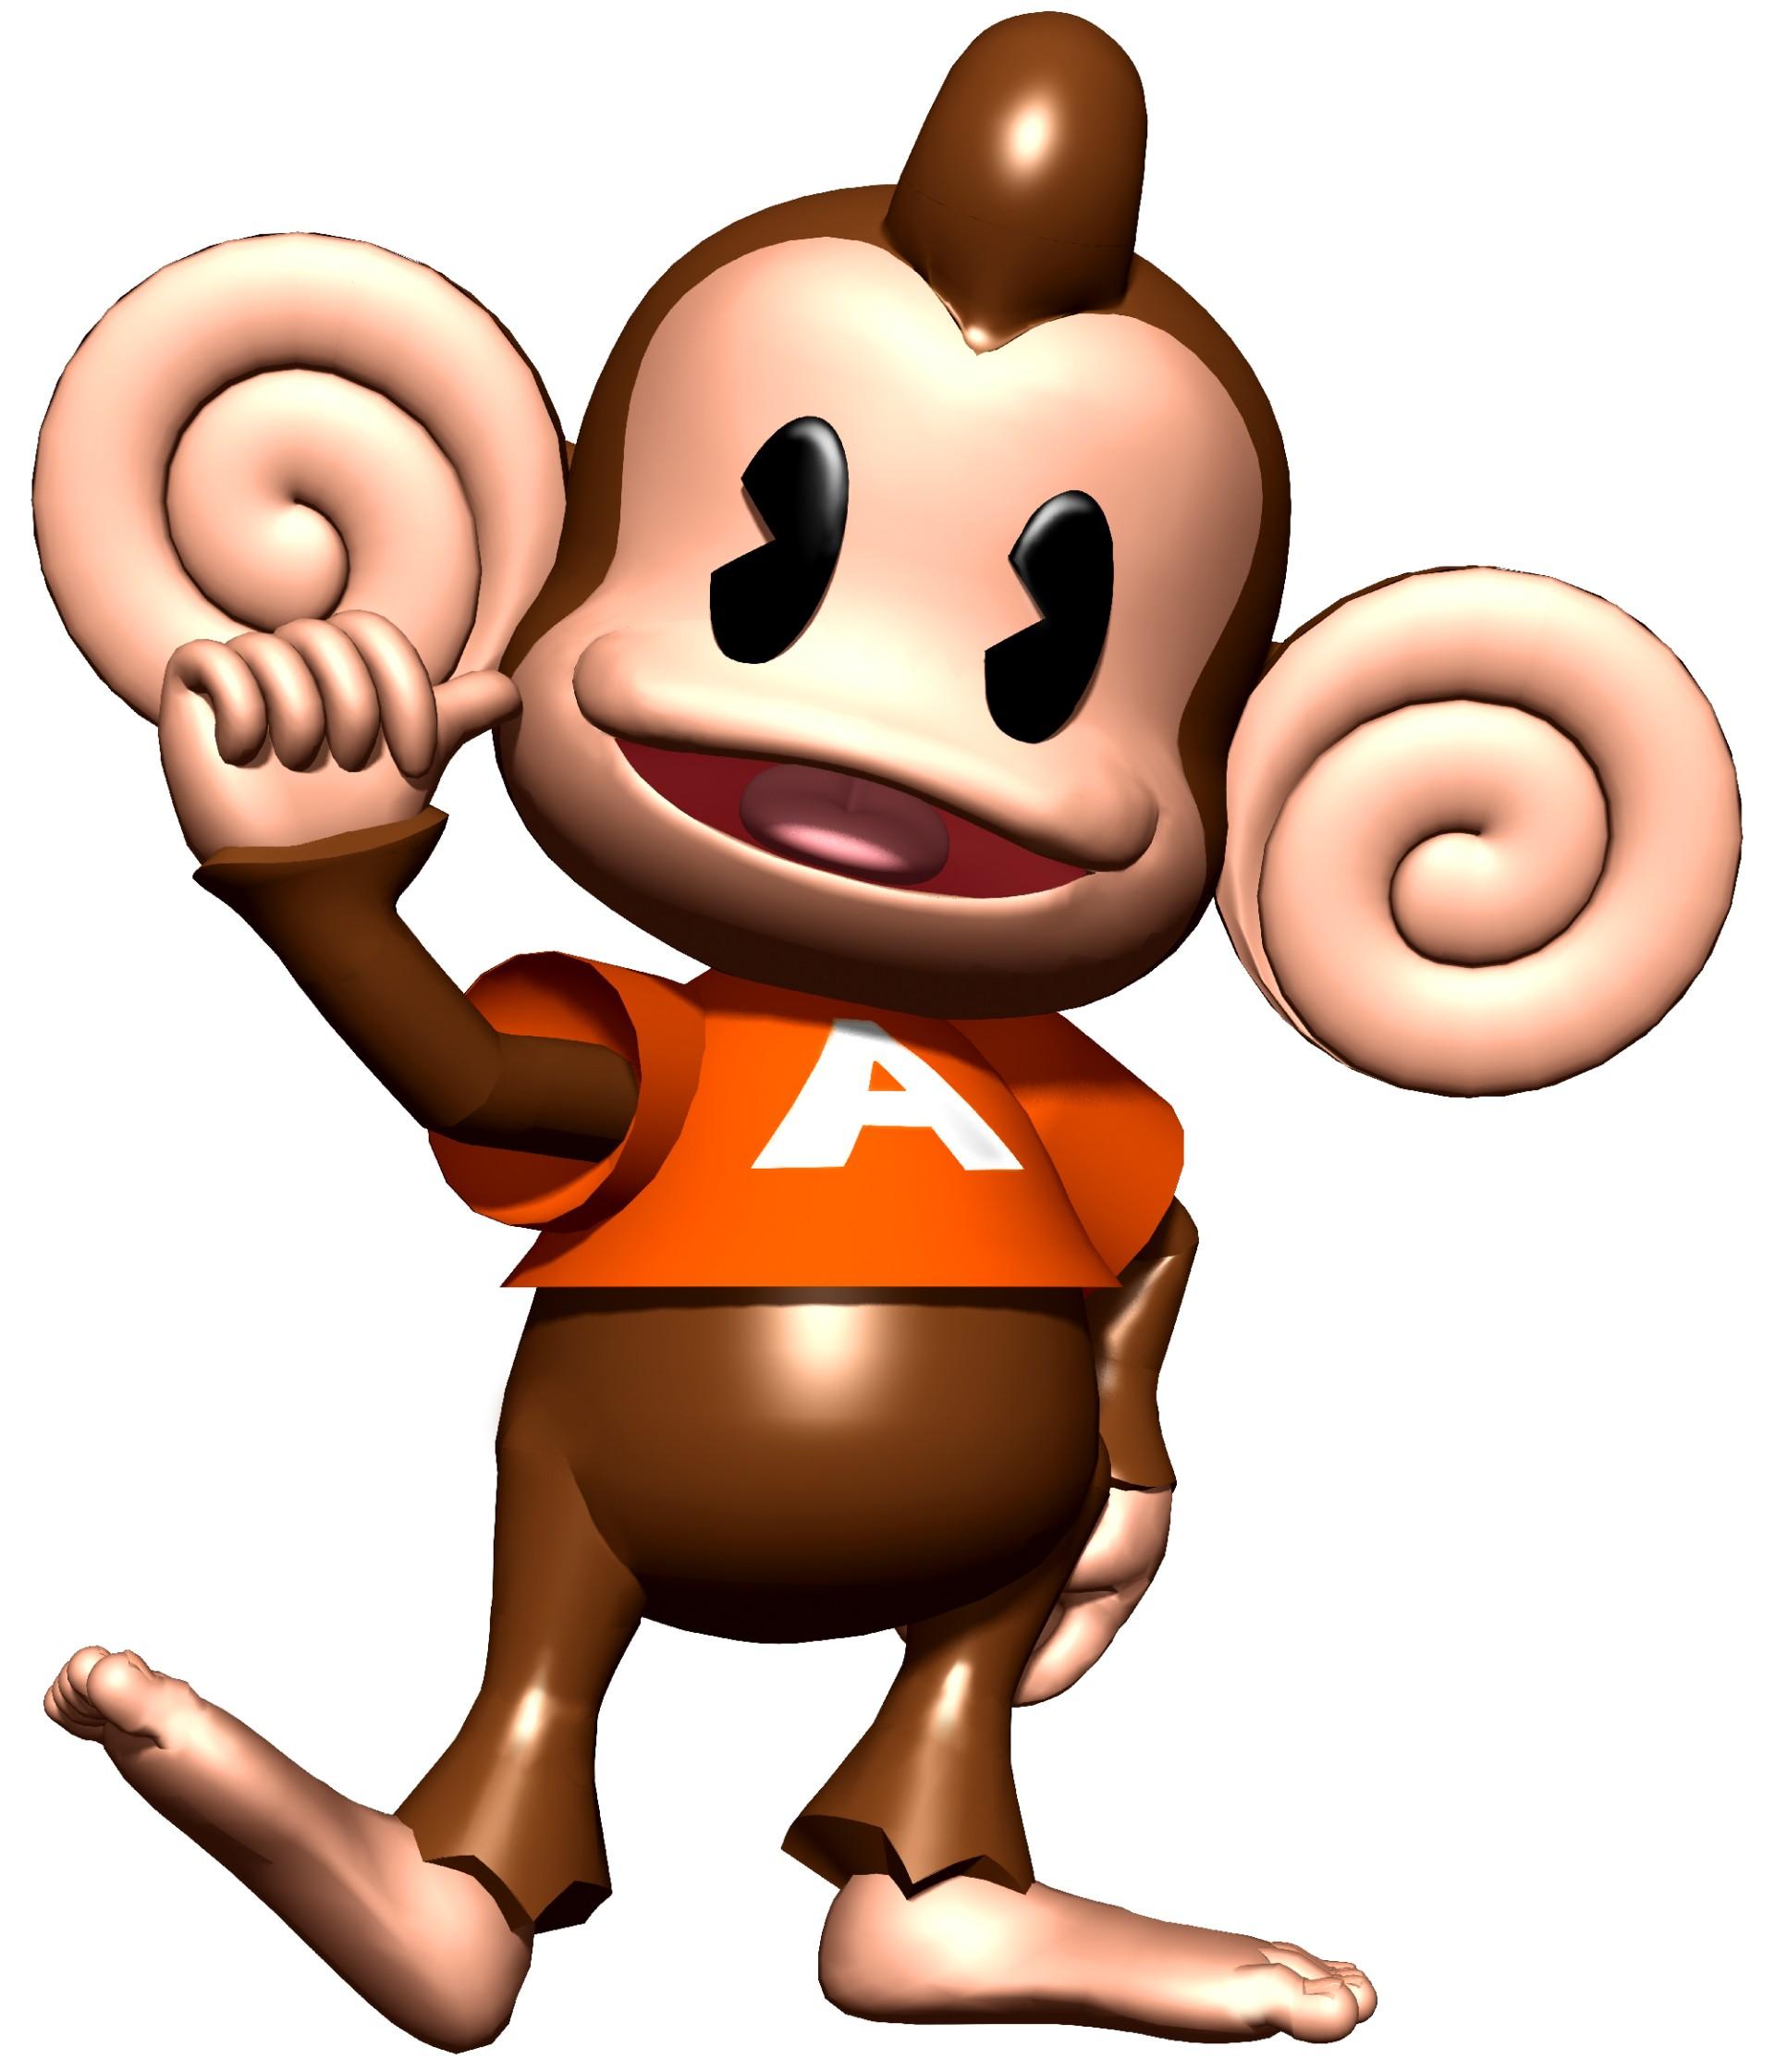 AiAi Original Character Model Image